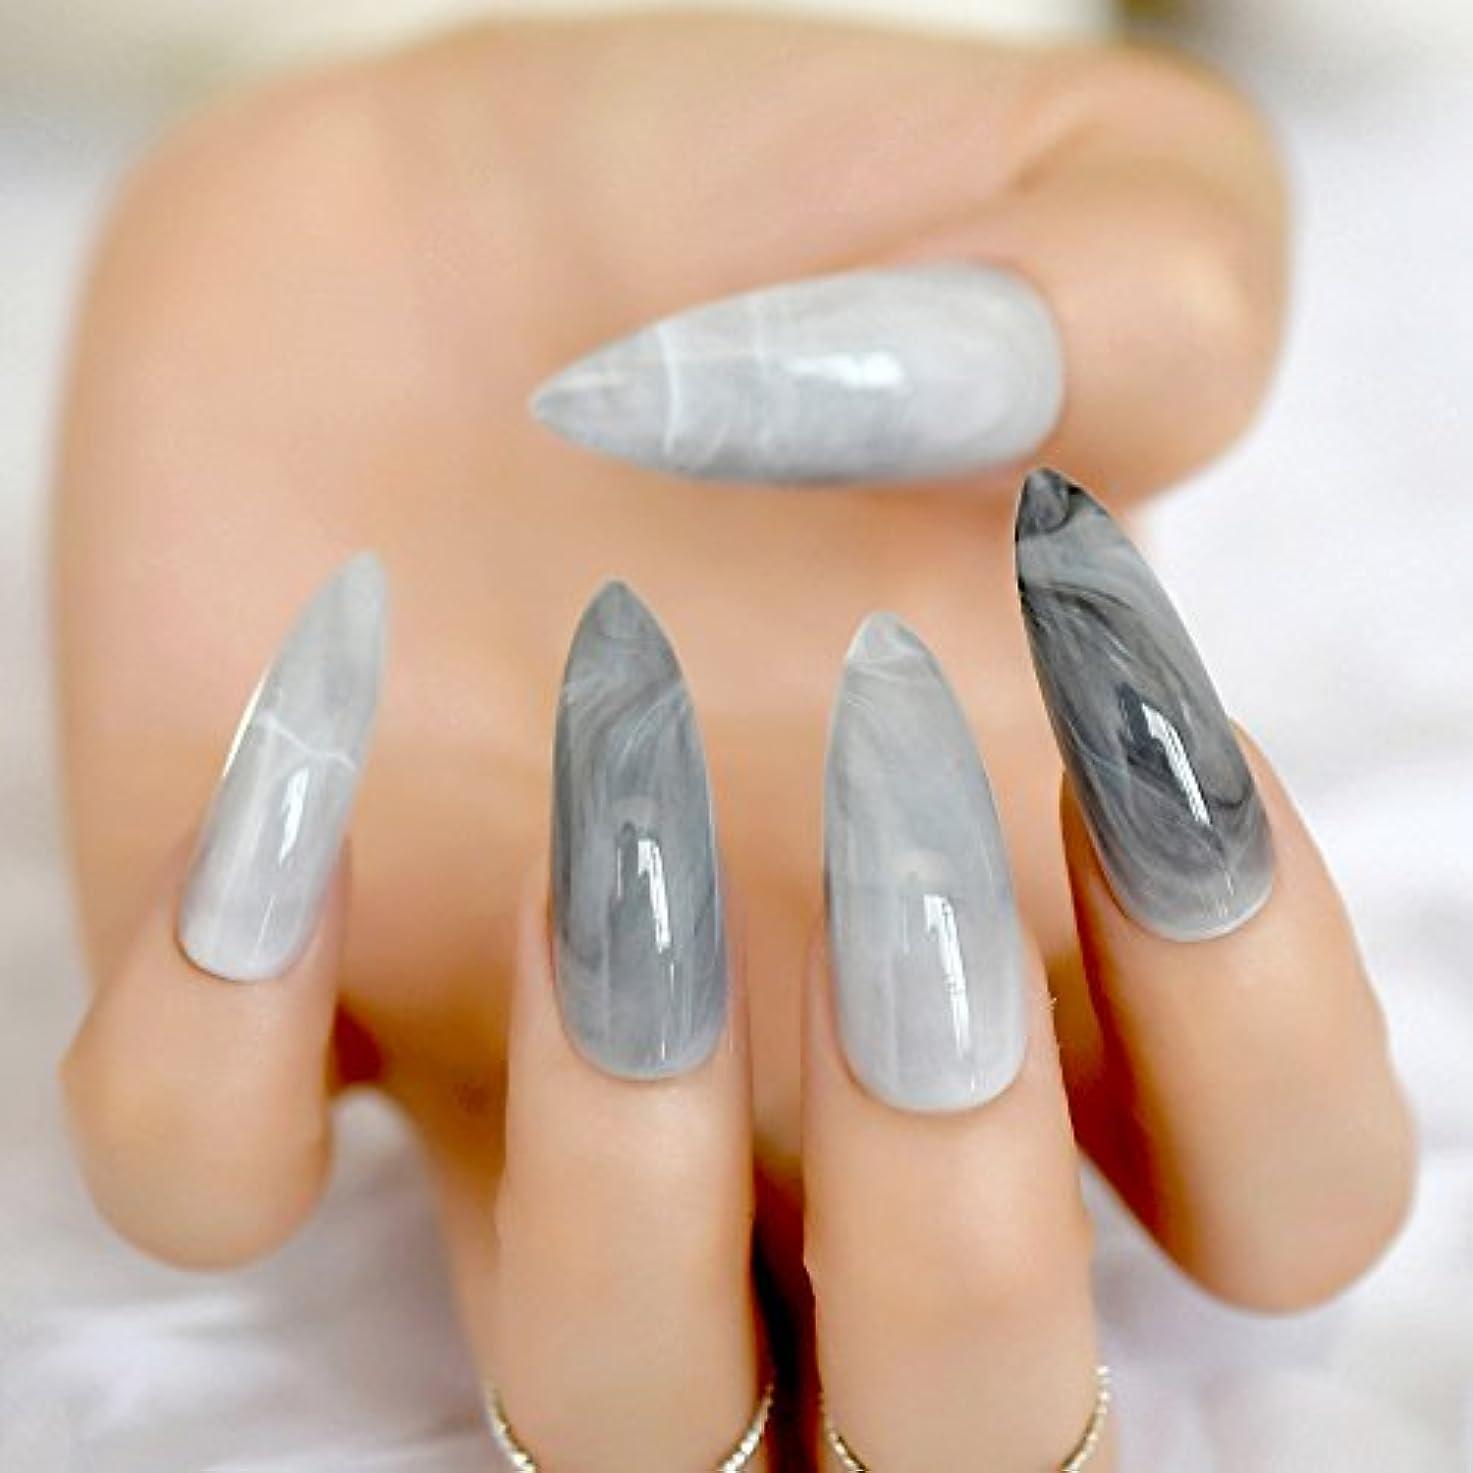 押し下げるペリスコープ春XUTXZKA スティレットグレーの大理石の偽の爪の石のパターンは指24のための偽の爪に暗い光沢のある長押しを指摘